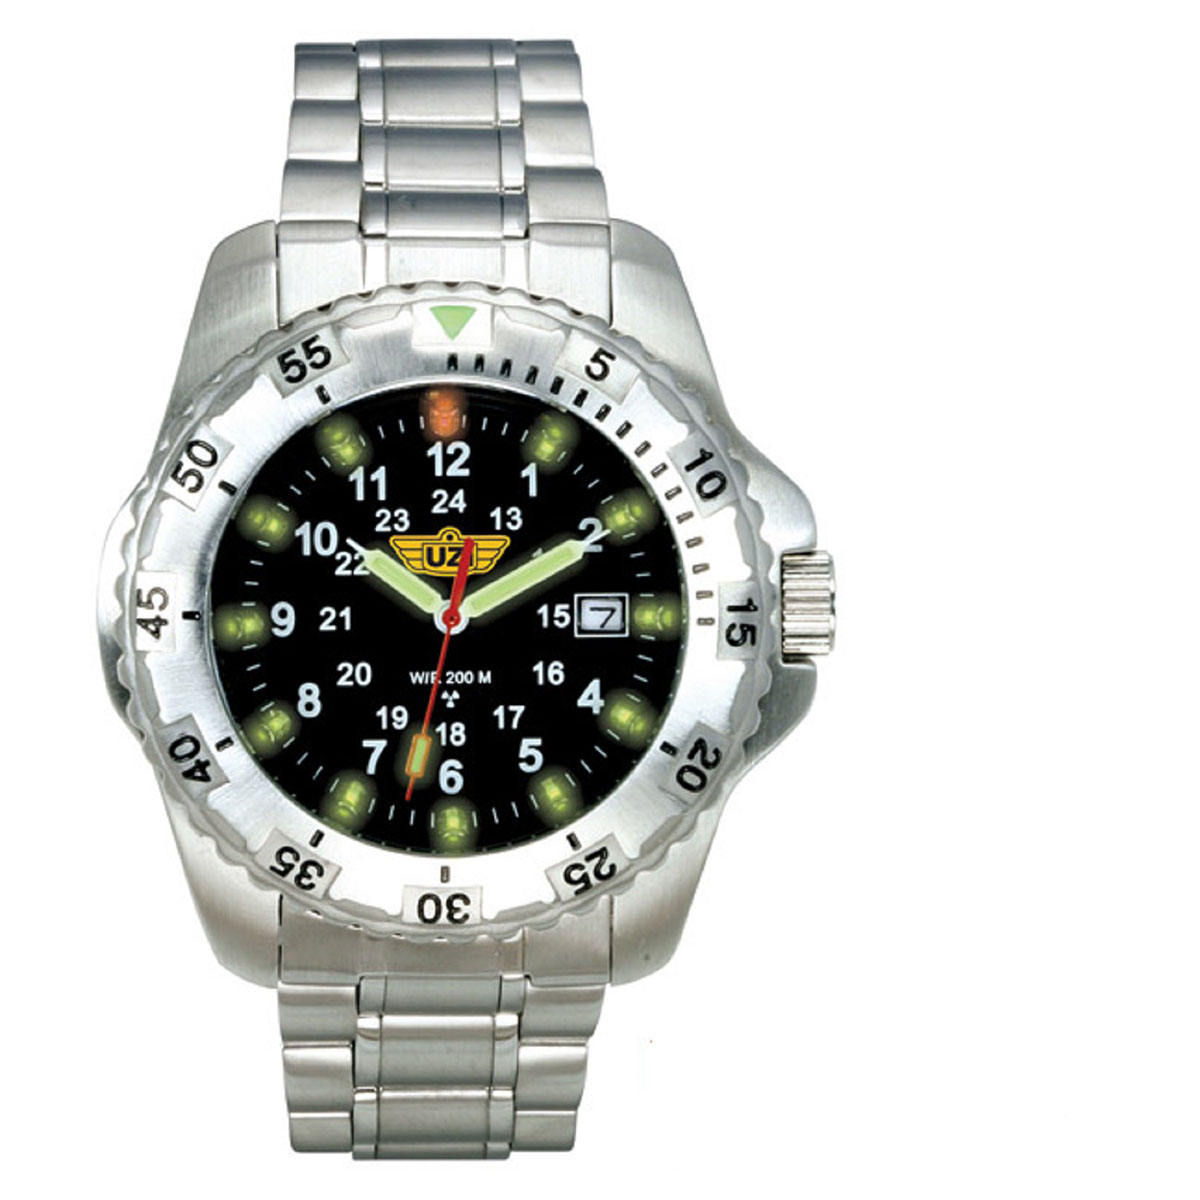 UZI Defender Swiss Tritium Watch w/Titanium Case and Stra...